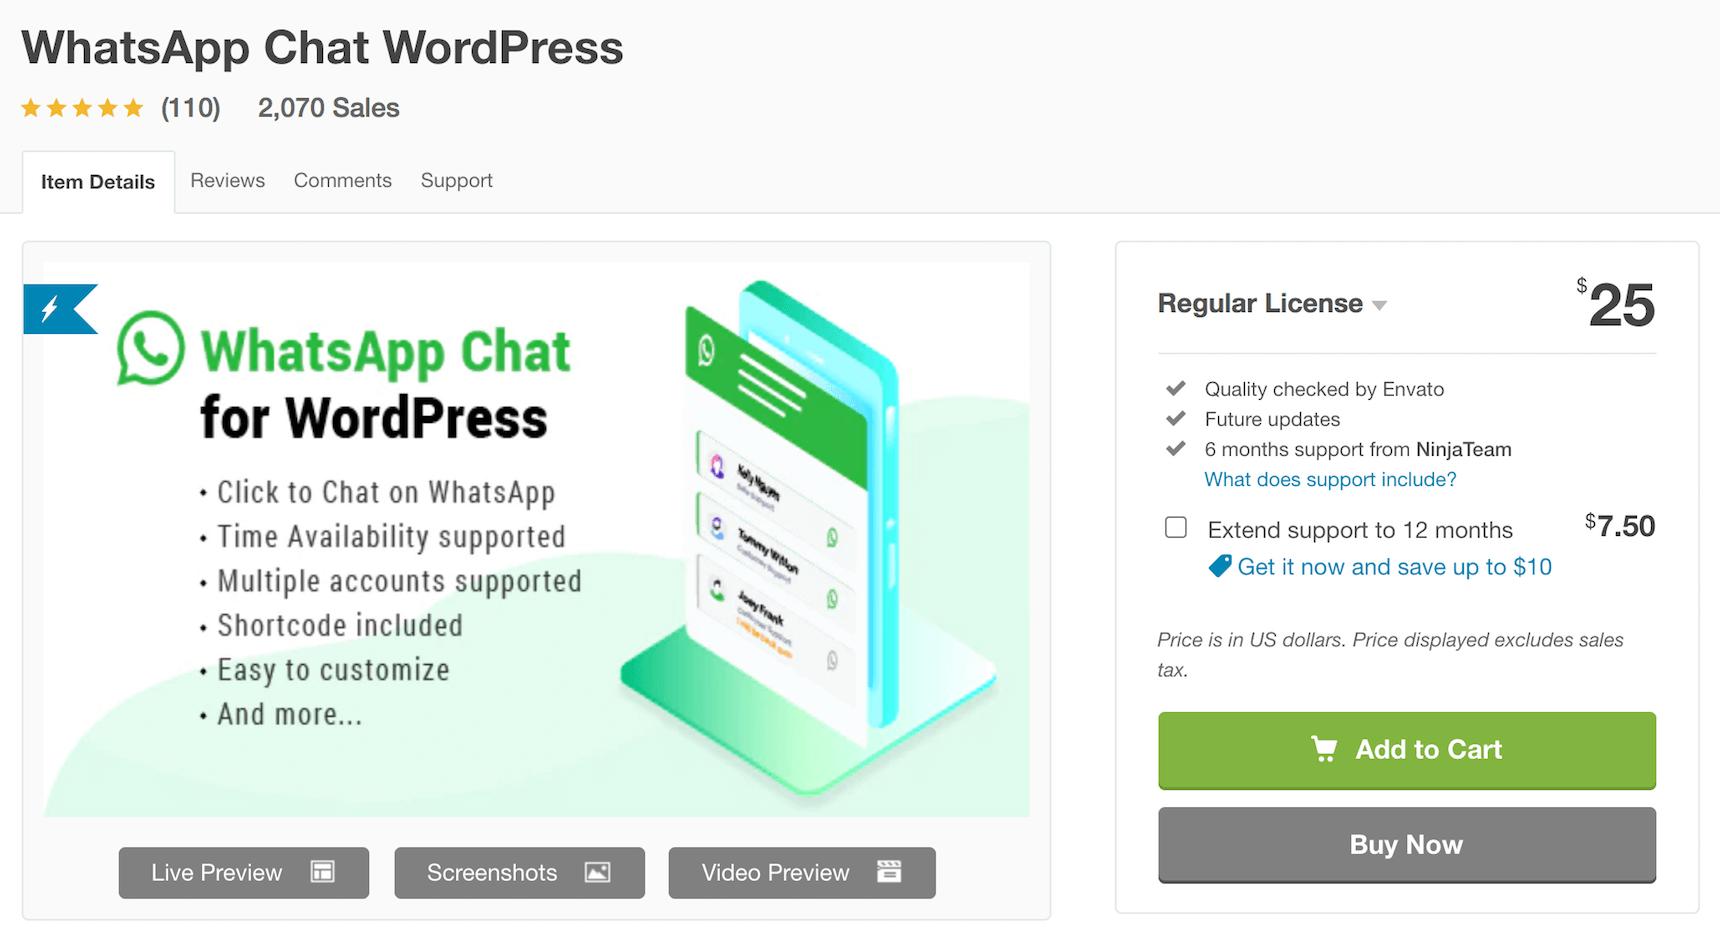 WhatsApp for WordPress